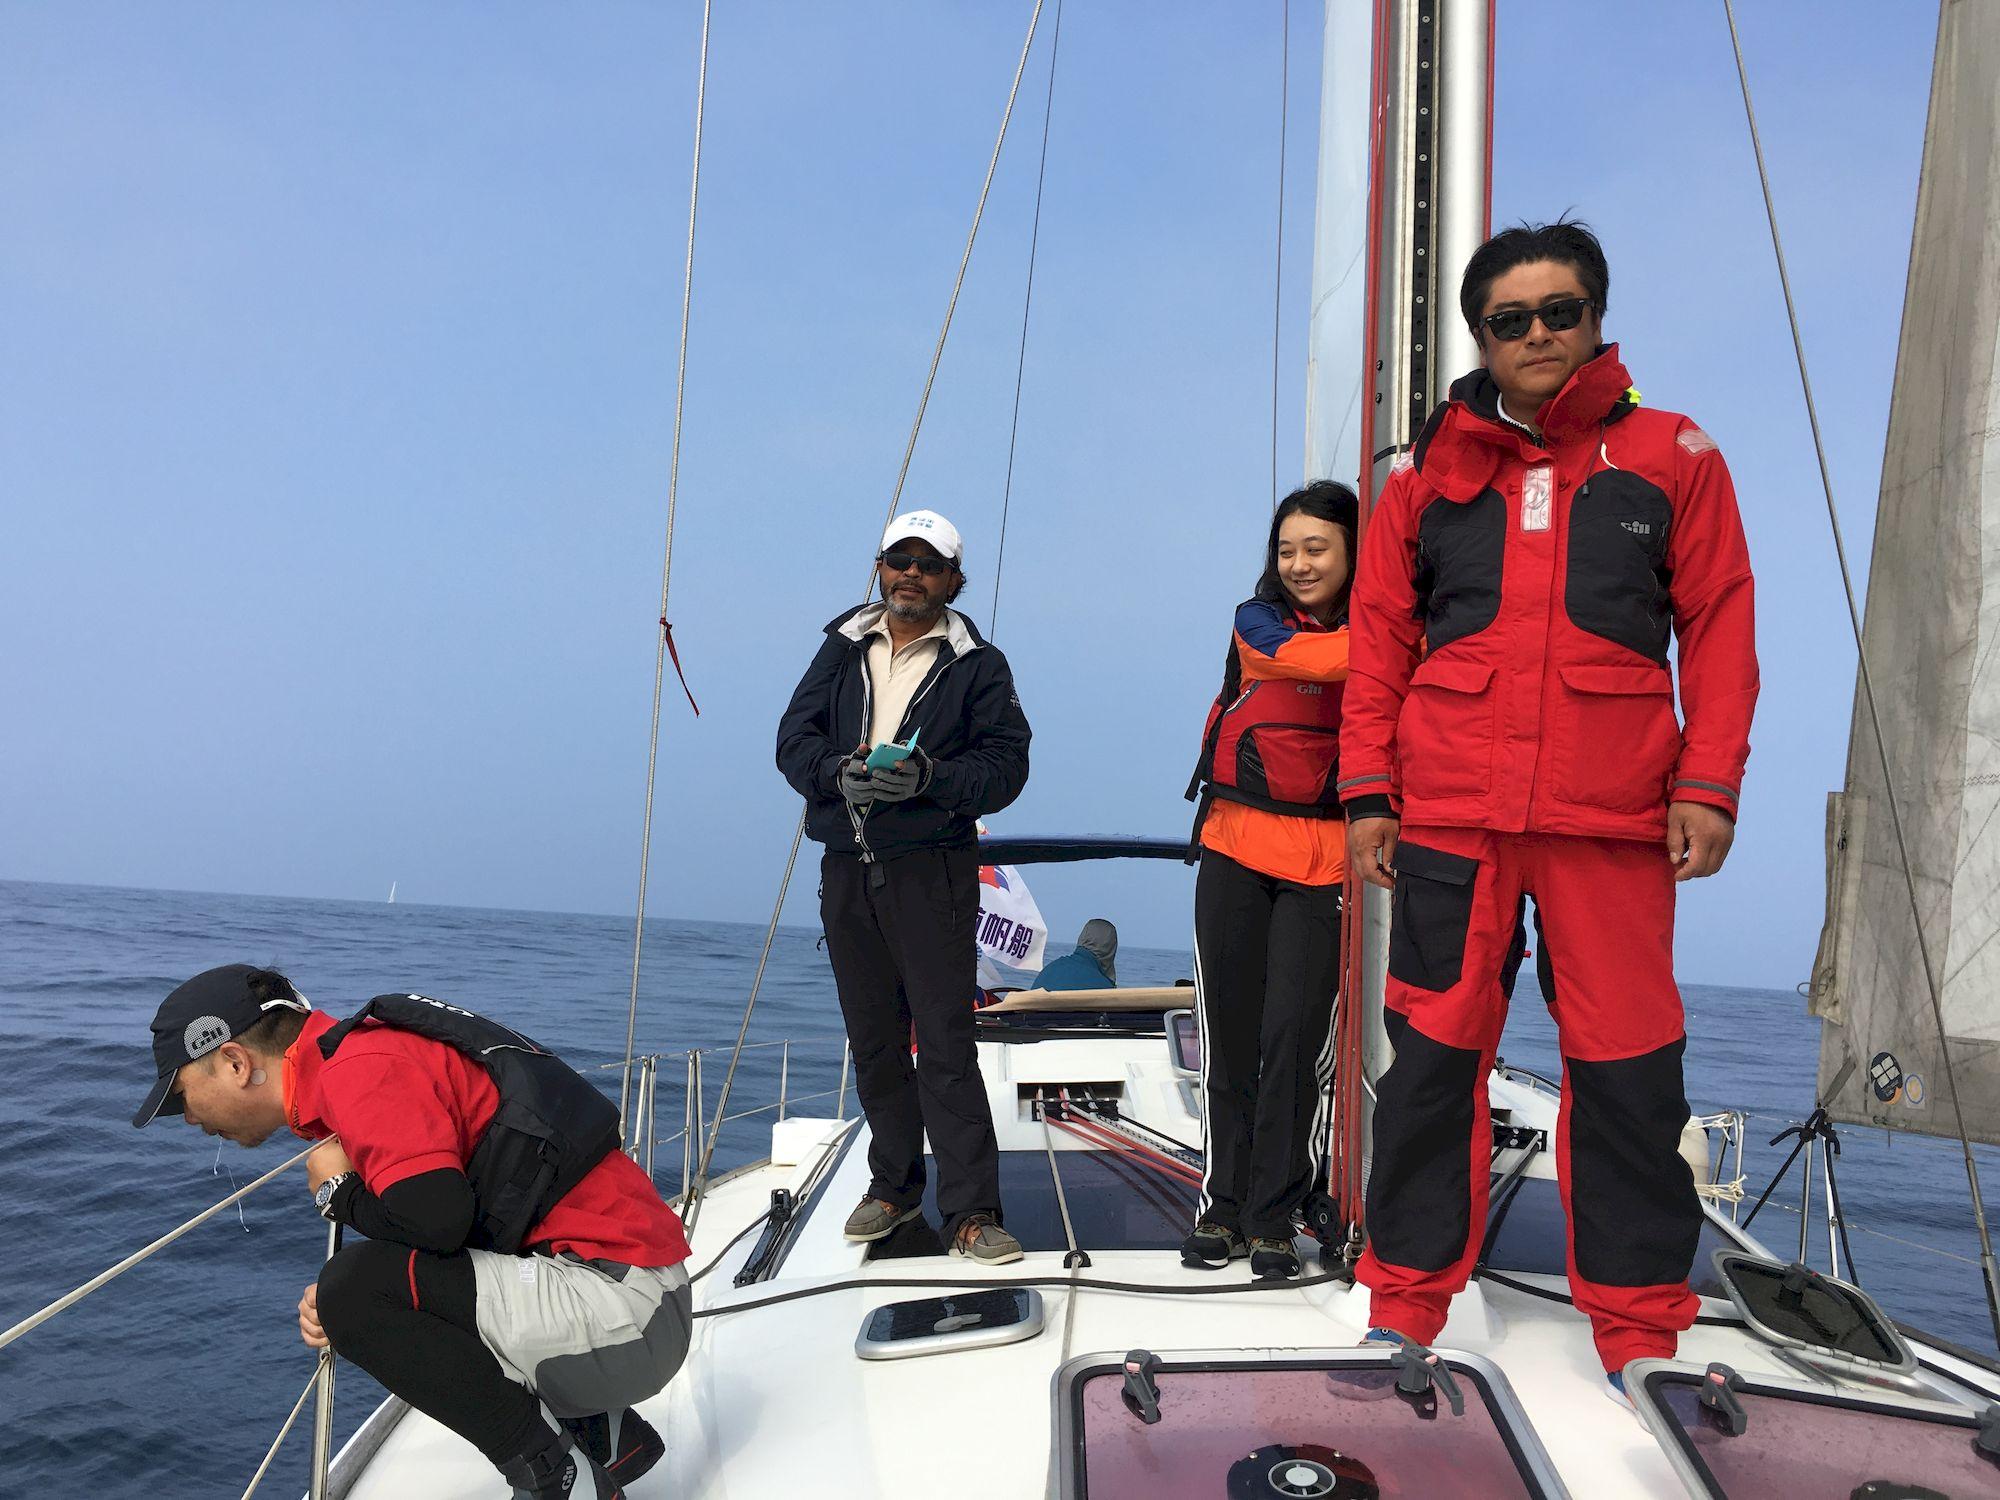 003c-IMG_3021_千帆俱乐部我要航海网帆船队-2016威海-仁川国际帆船赛.JPG